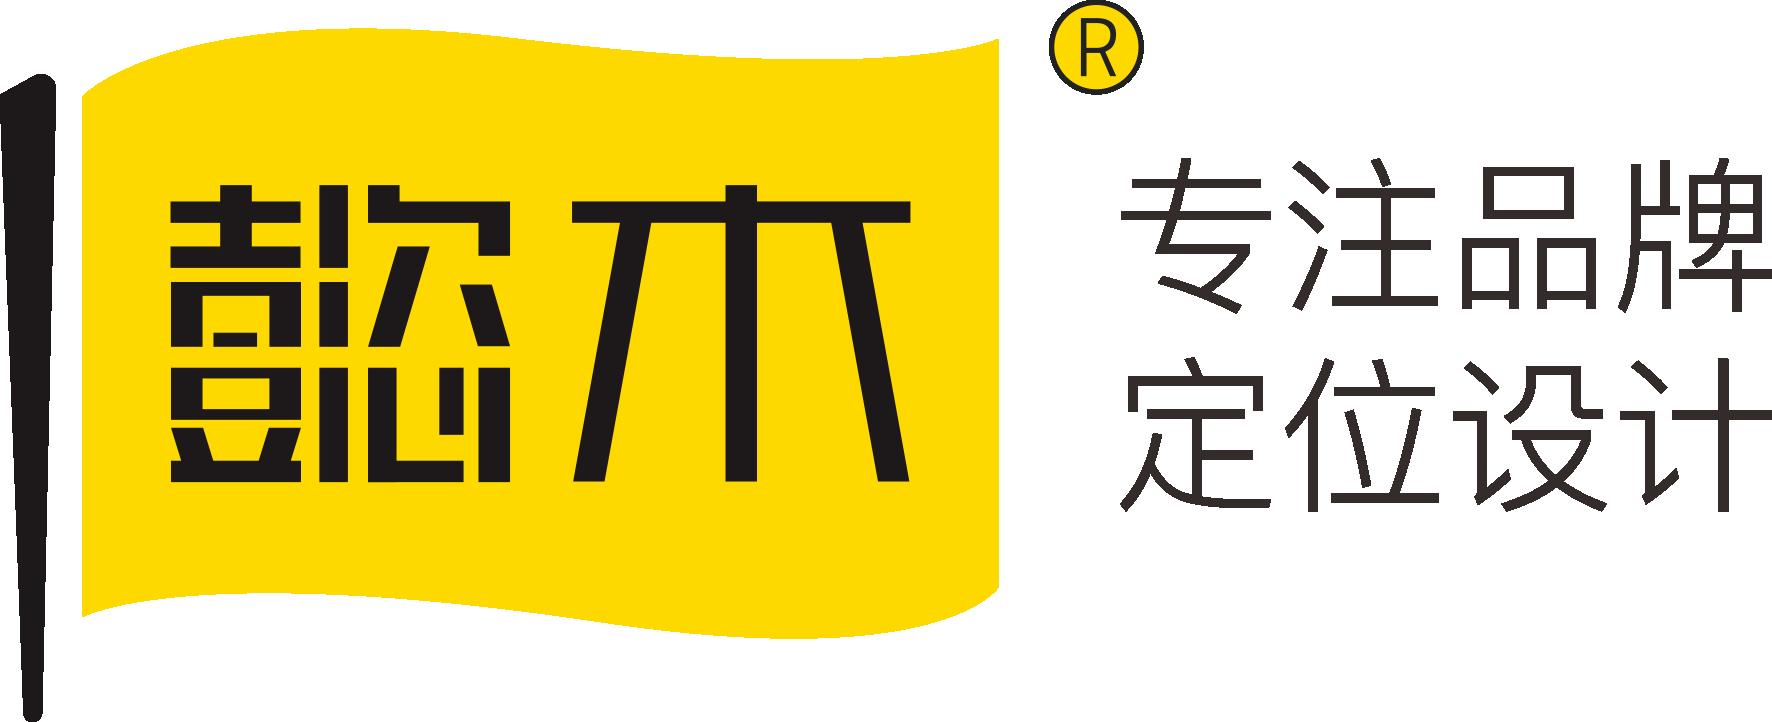 懿木品牌设计logo